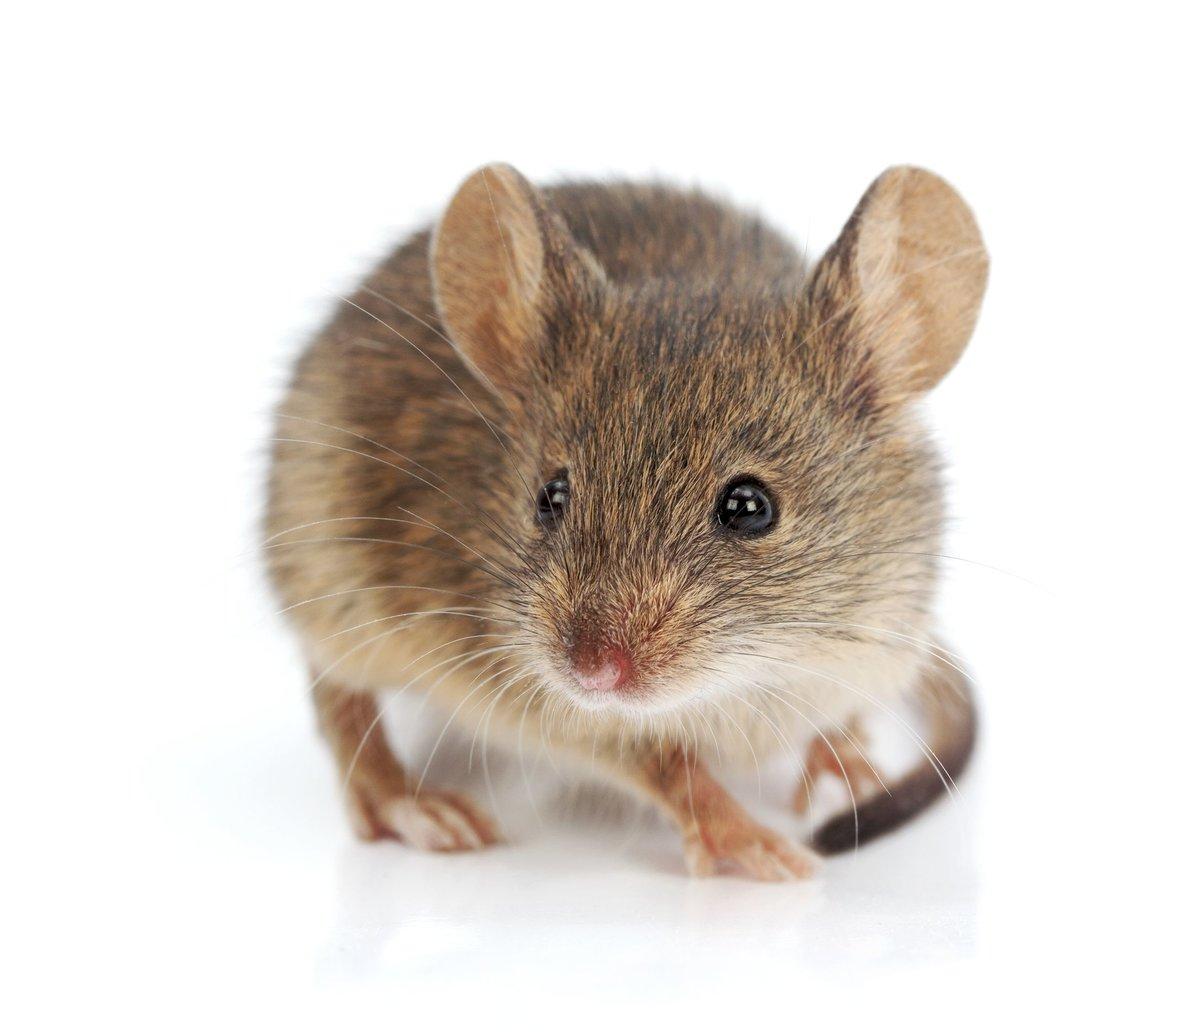 Марта, картинка мышей для детей на белом фоне